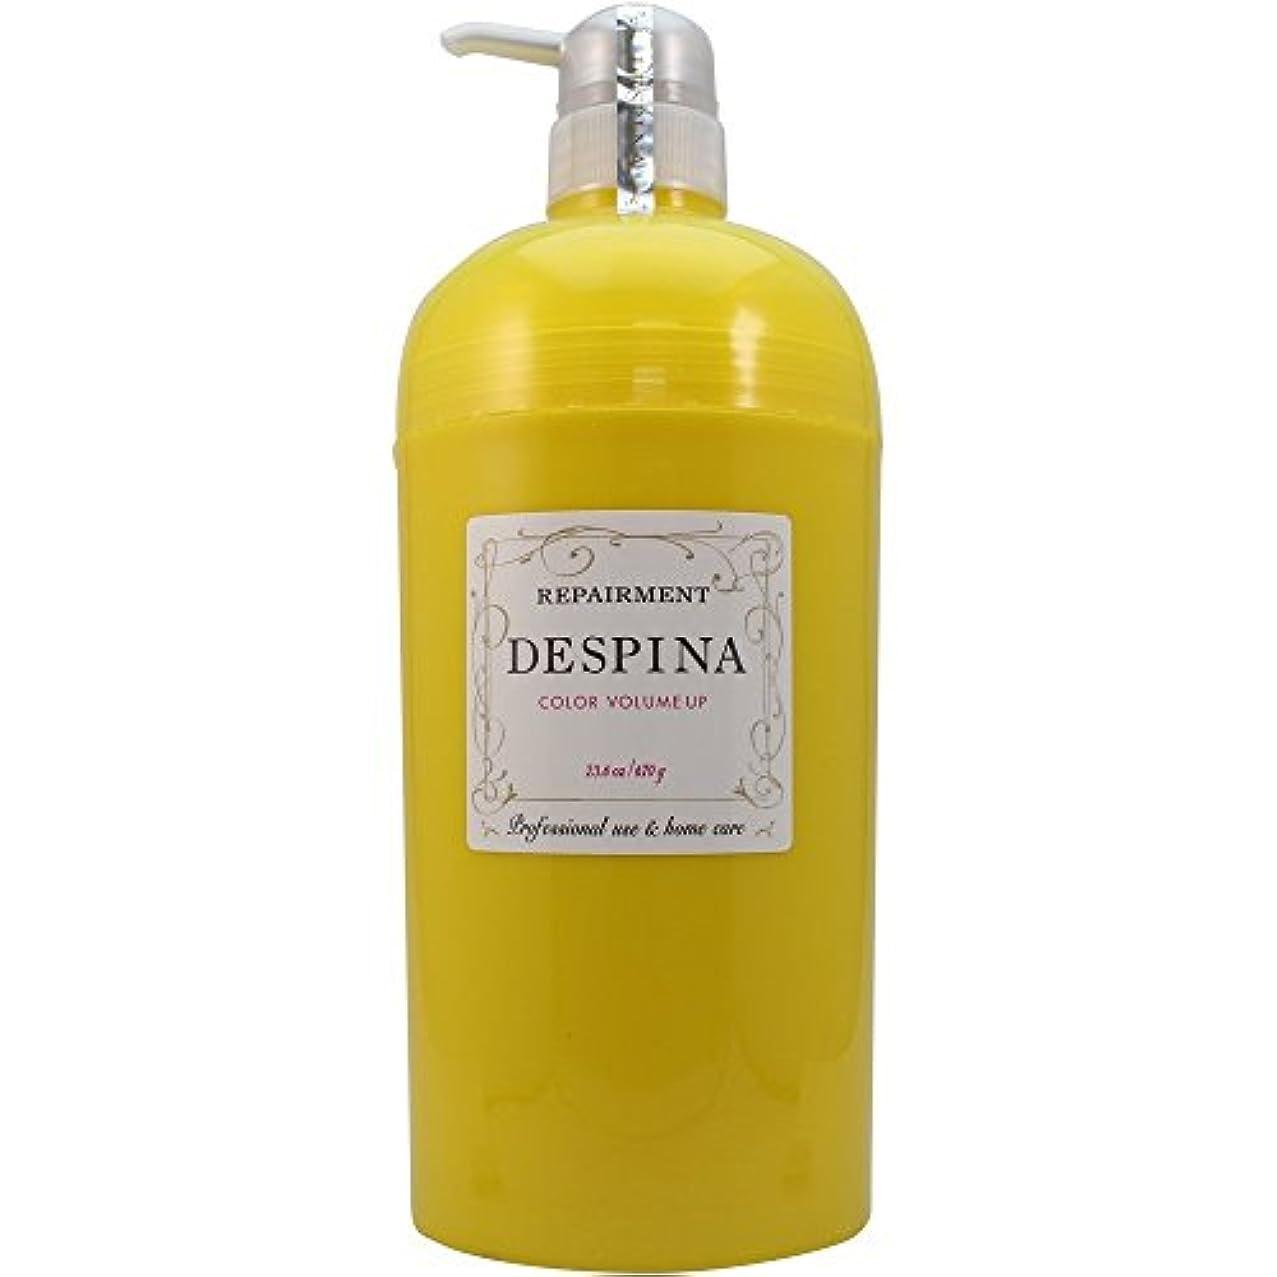 簡略化する事件、出来事狼中野製薬 デスピナ リペアメント カラー ボリュームアップ 670g